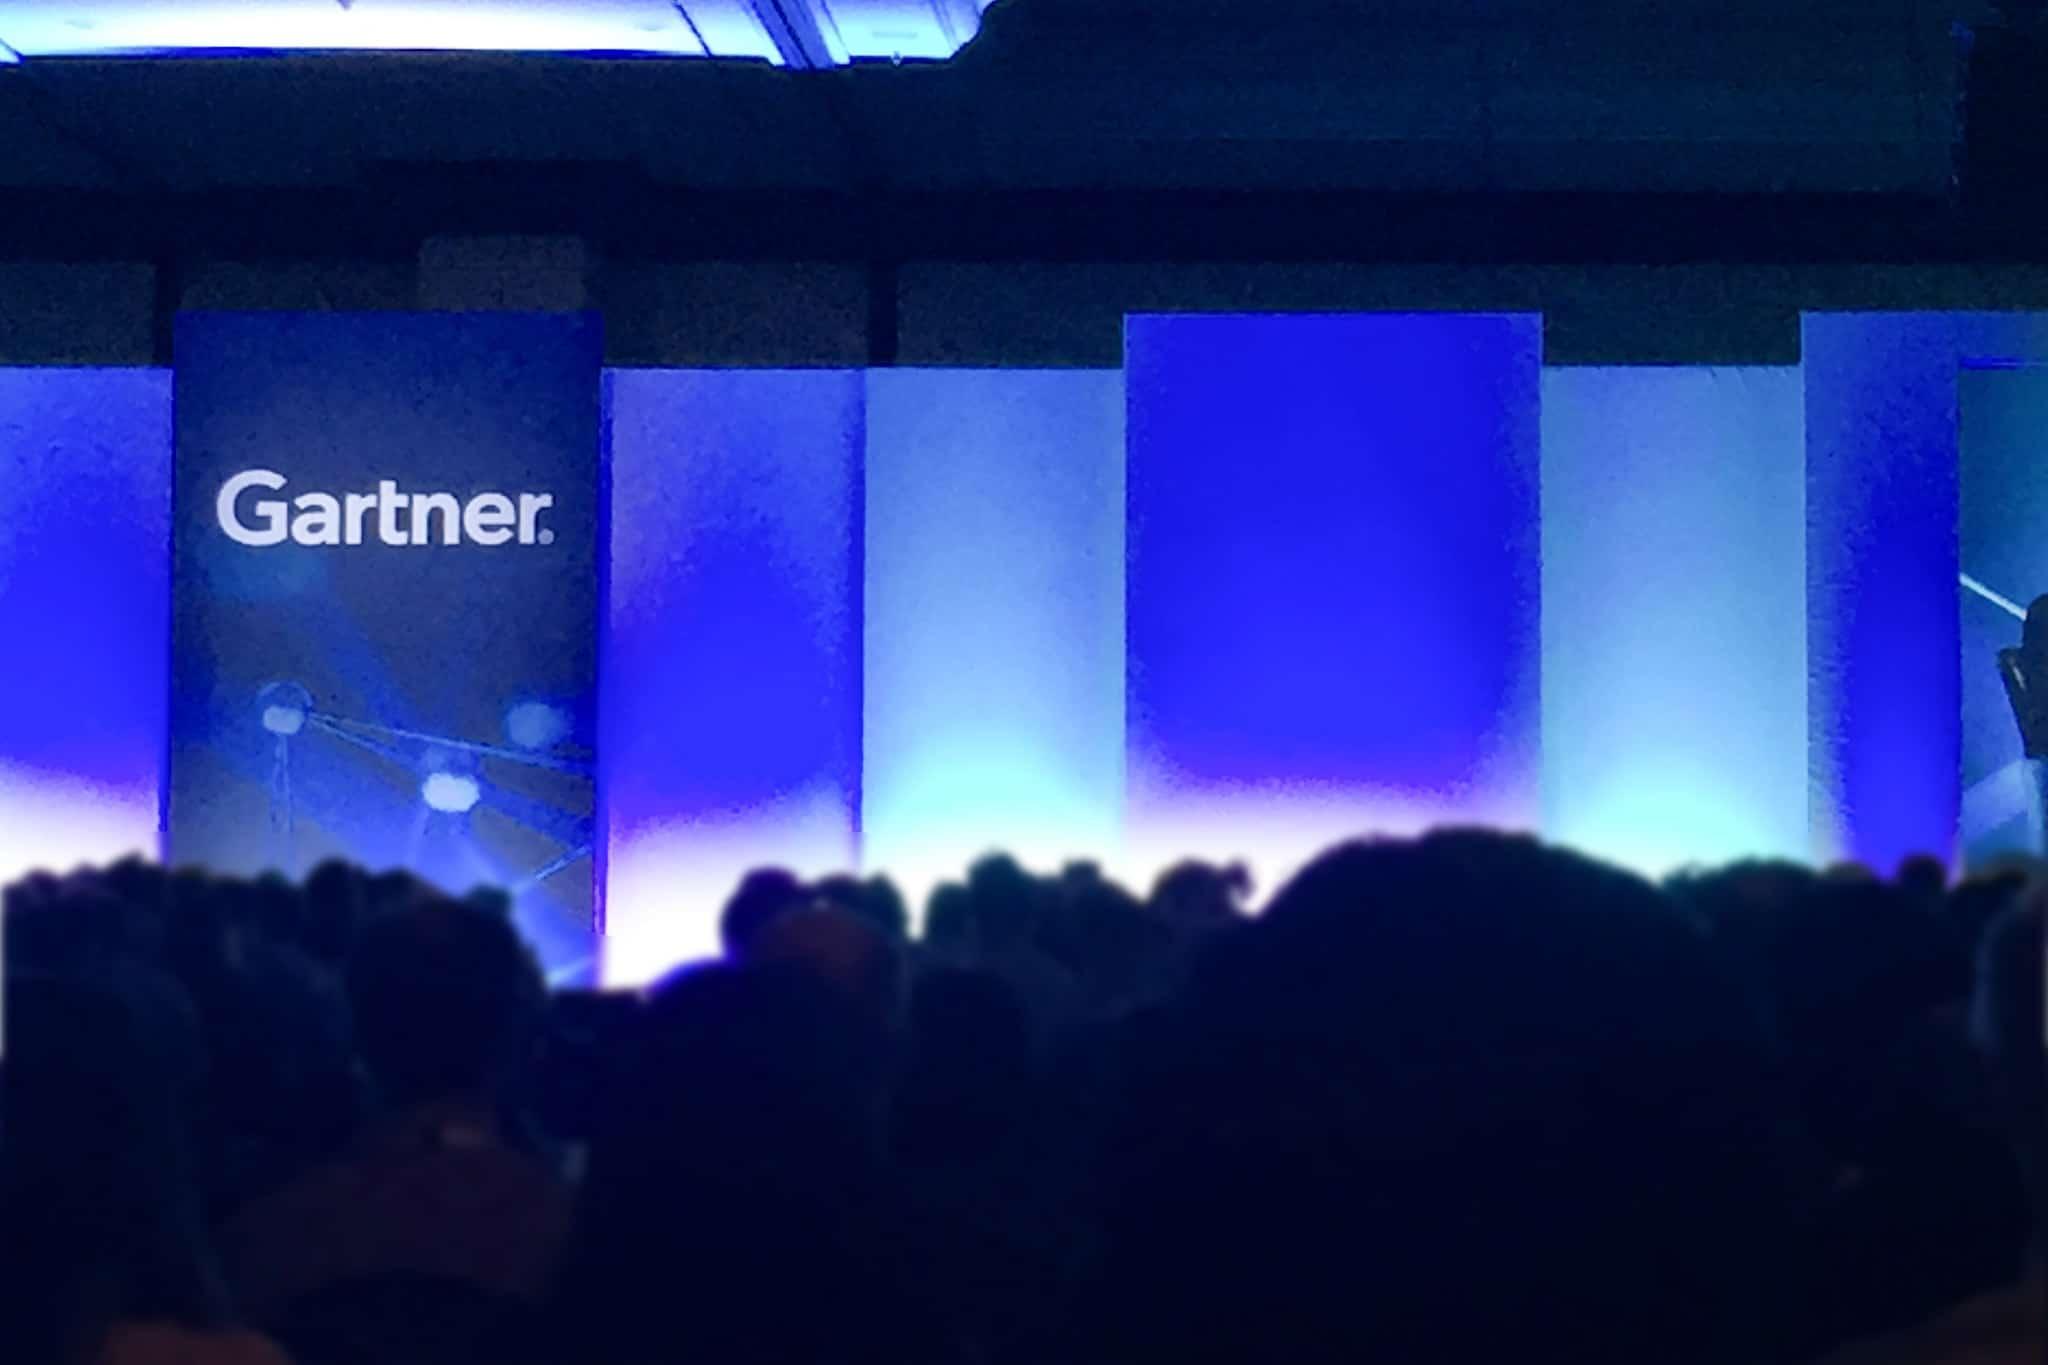 Gartner Conference